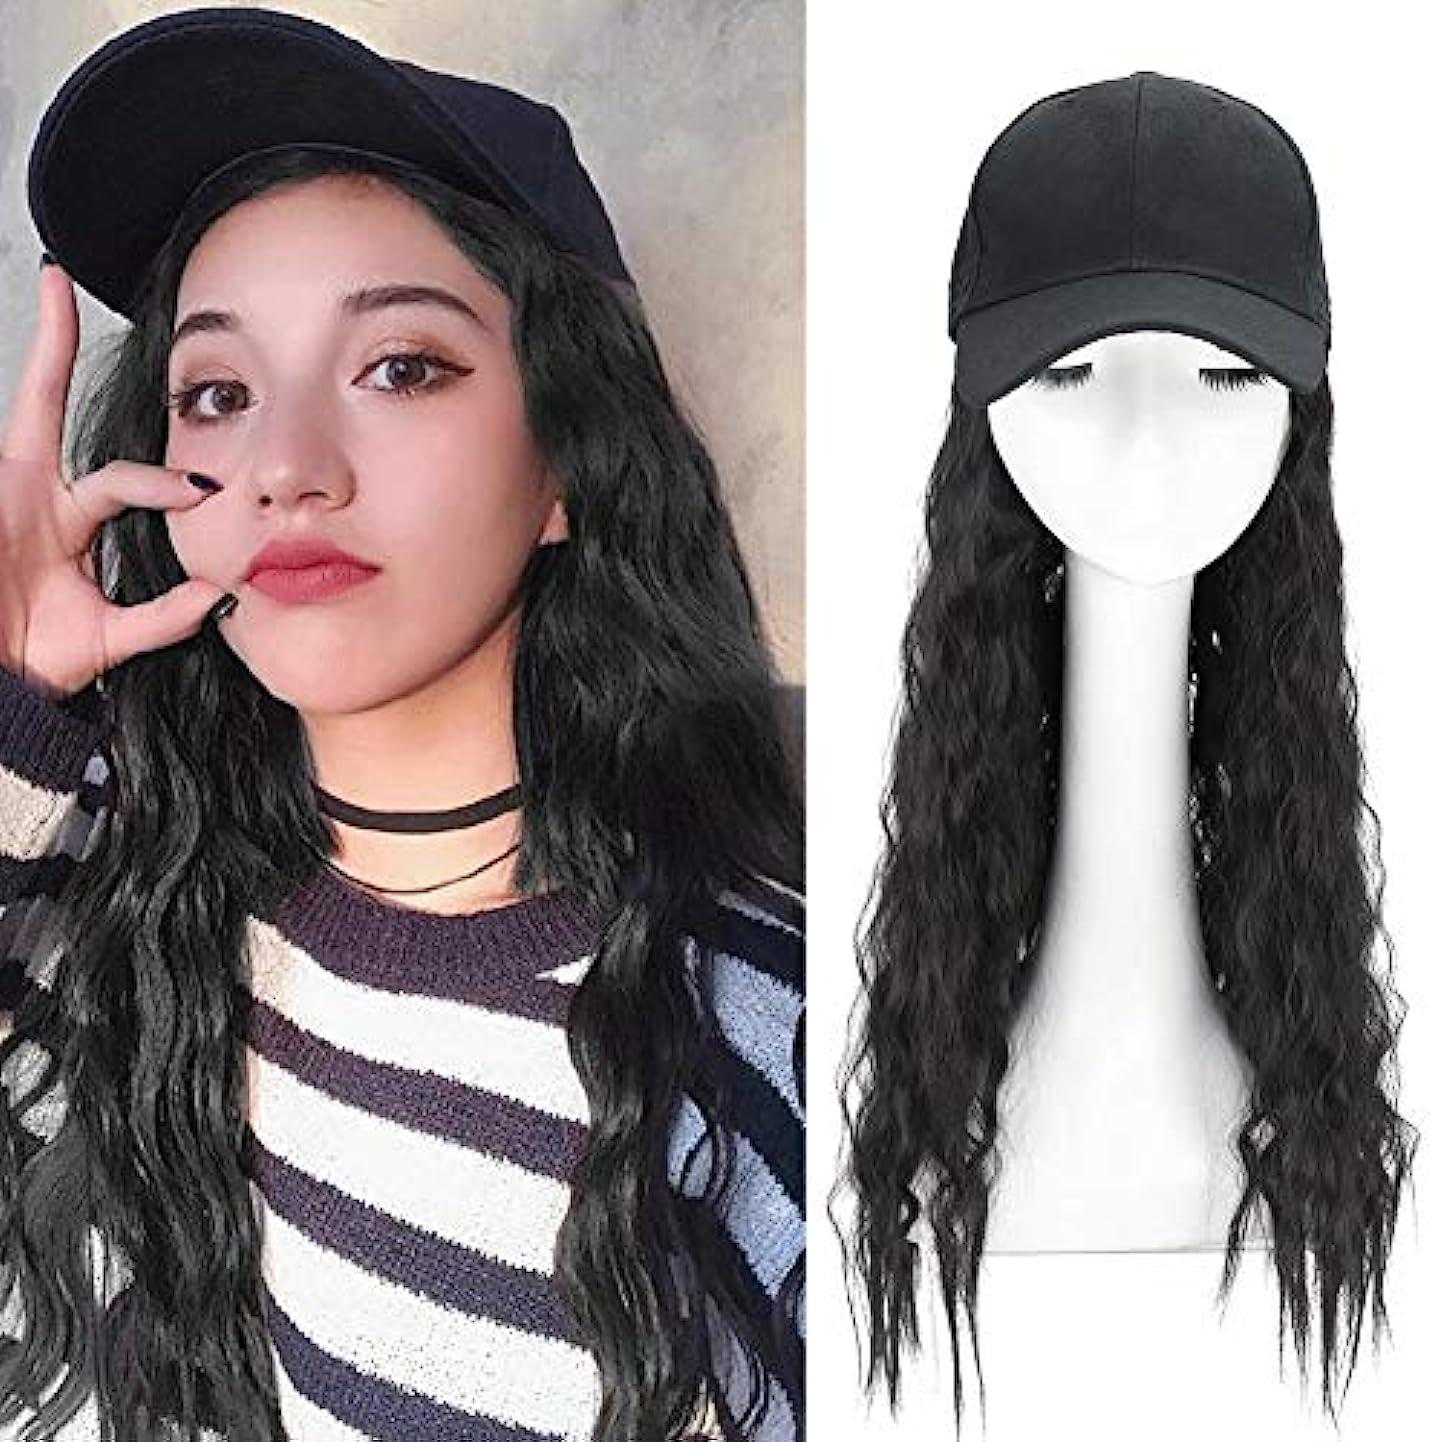 パキスタン人ファイター趣味長い巻き毛を持つ合成長波野球帽合成毛を持つ波状かつらキャップ女の子のための髪を持つ調整可能な野球帽帽子